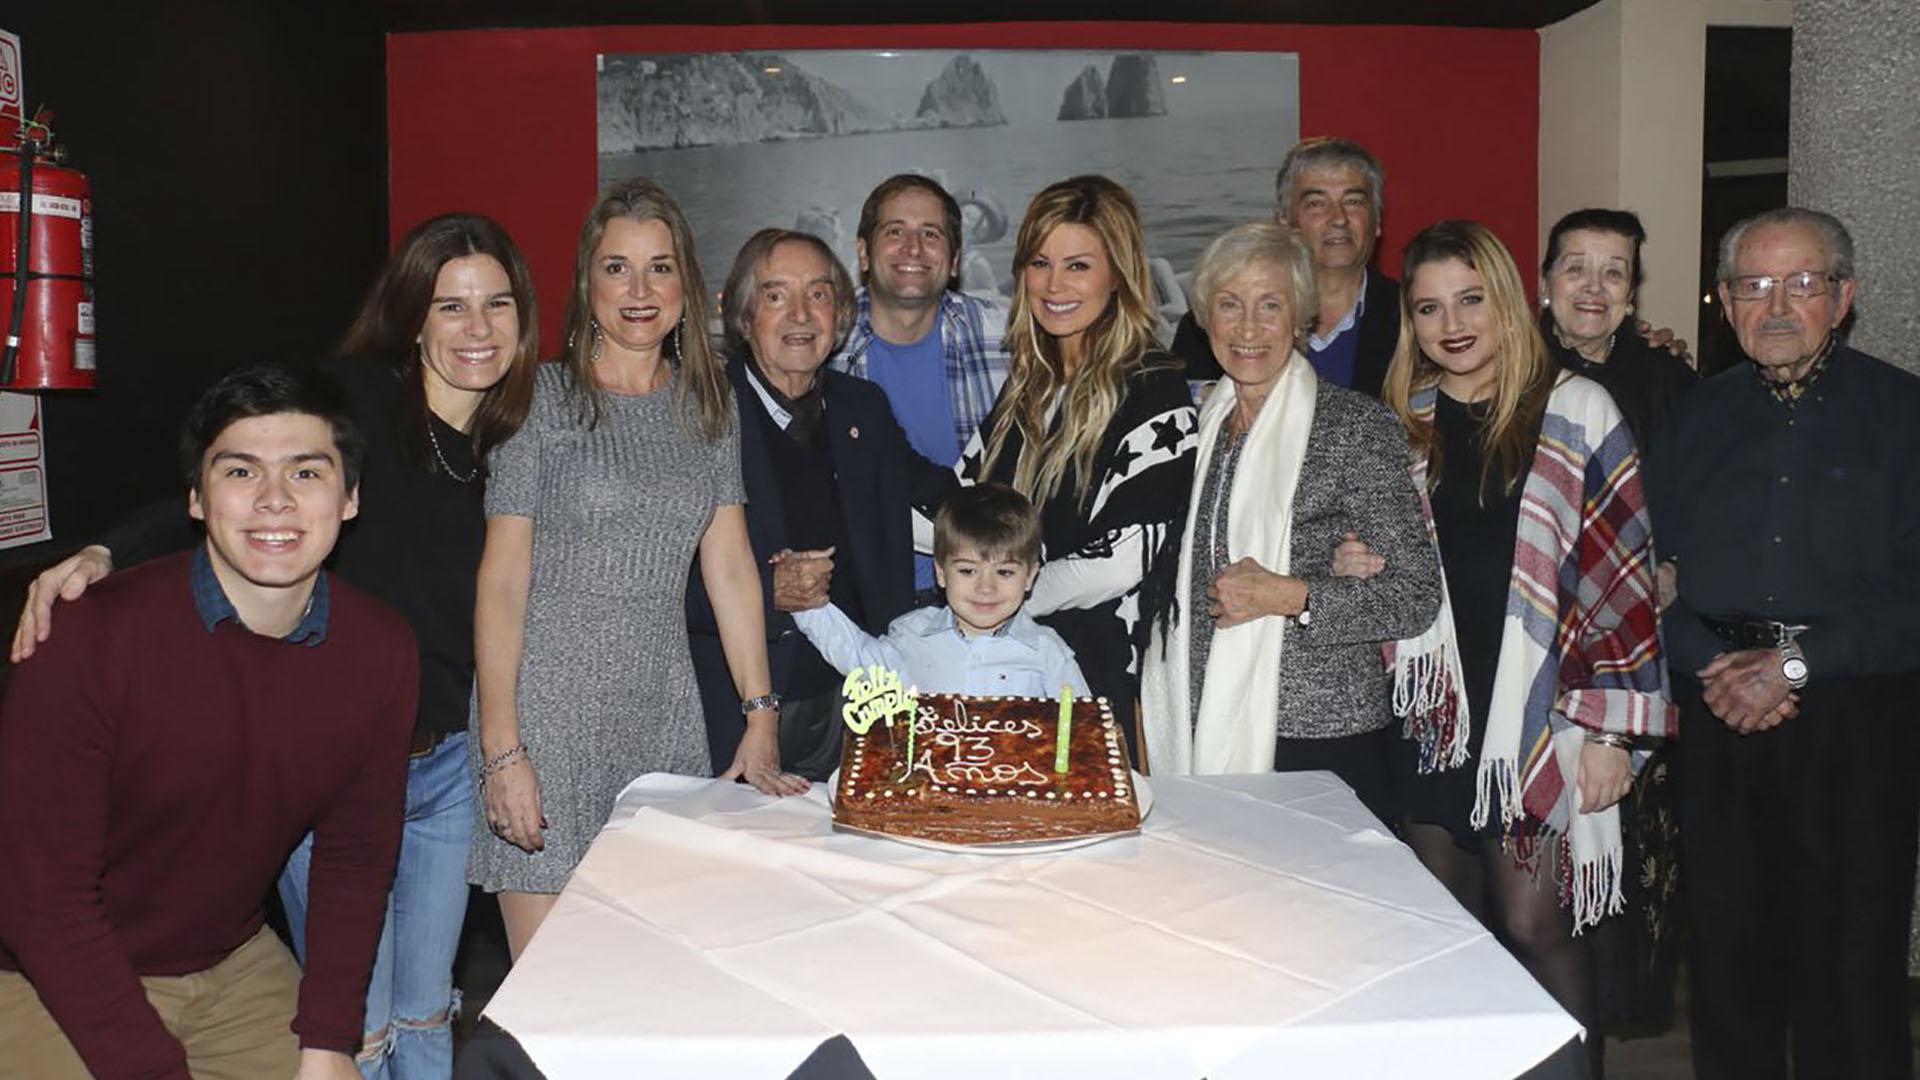 El año pasado, el comediante celebró su cumpleaños rodeado por sus familiares y amigos (Verónica Guerman / Teleshow)